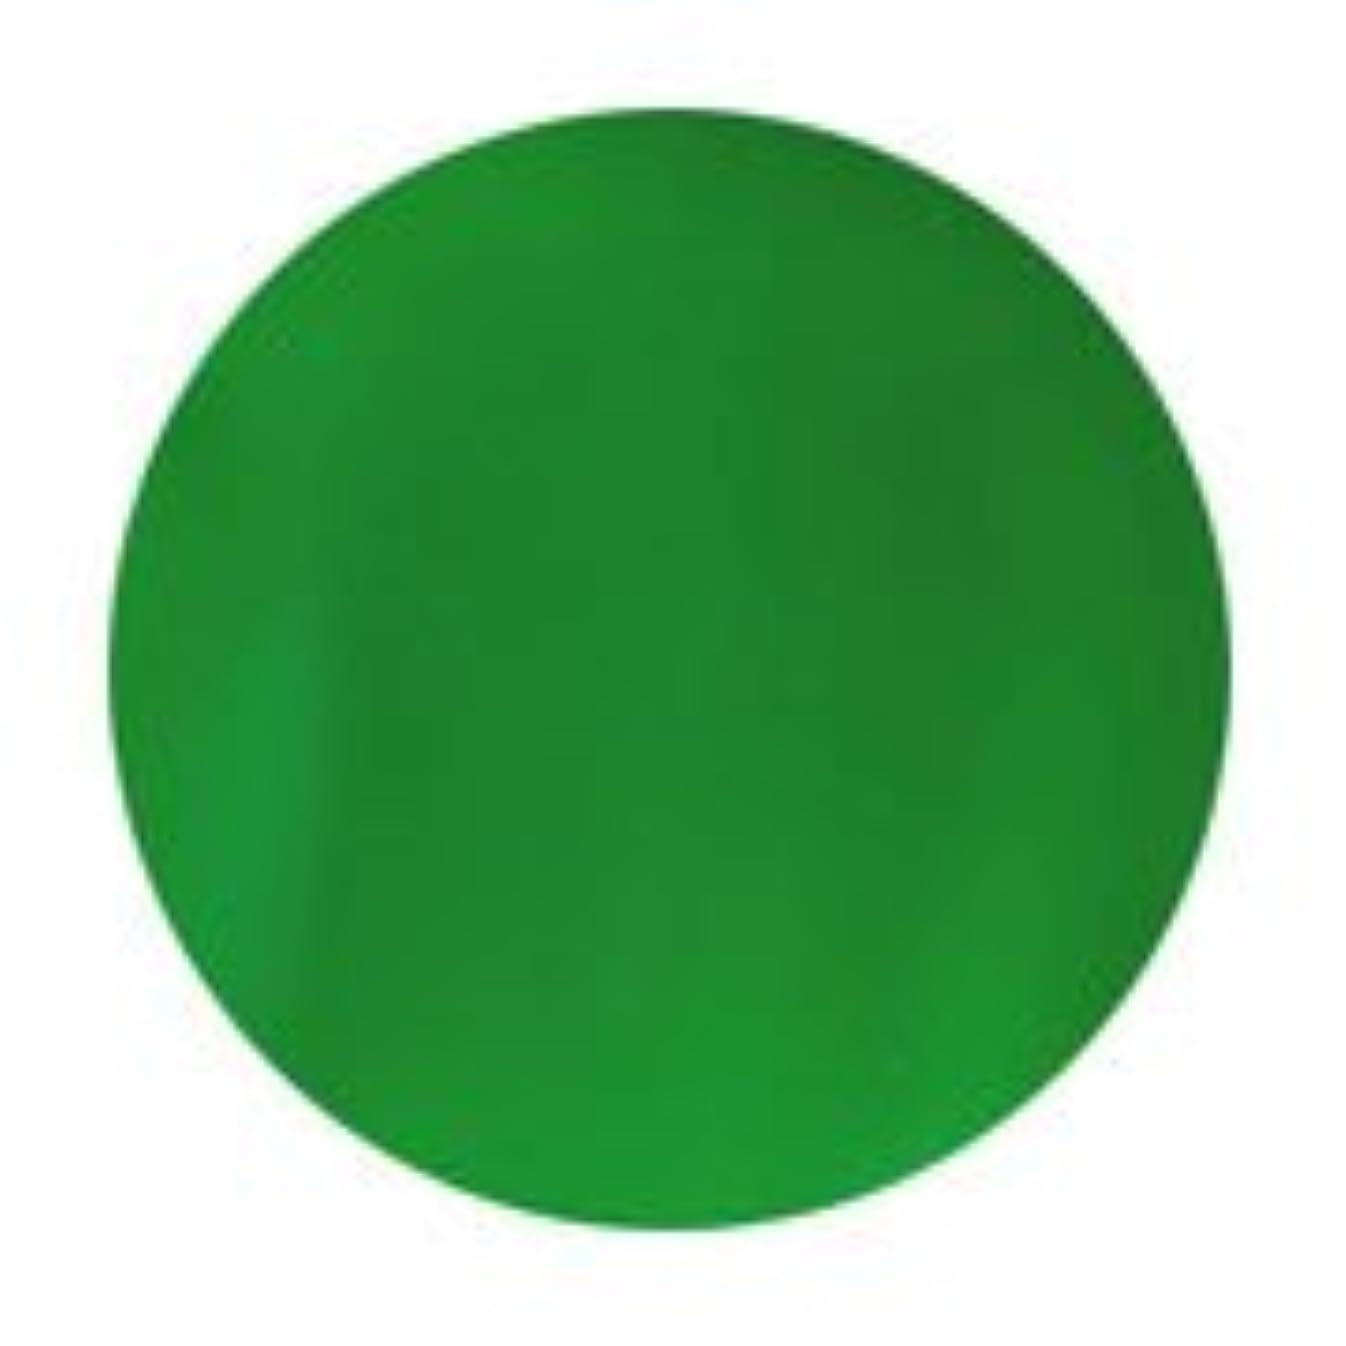 逃げると遊ぶ愛人Putiel(プティール) カラージェル ポップ 3g<BR>P14 ネオングリーン